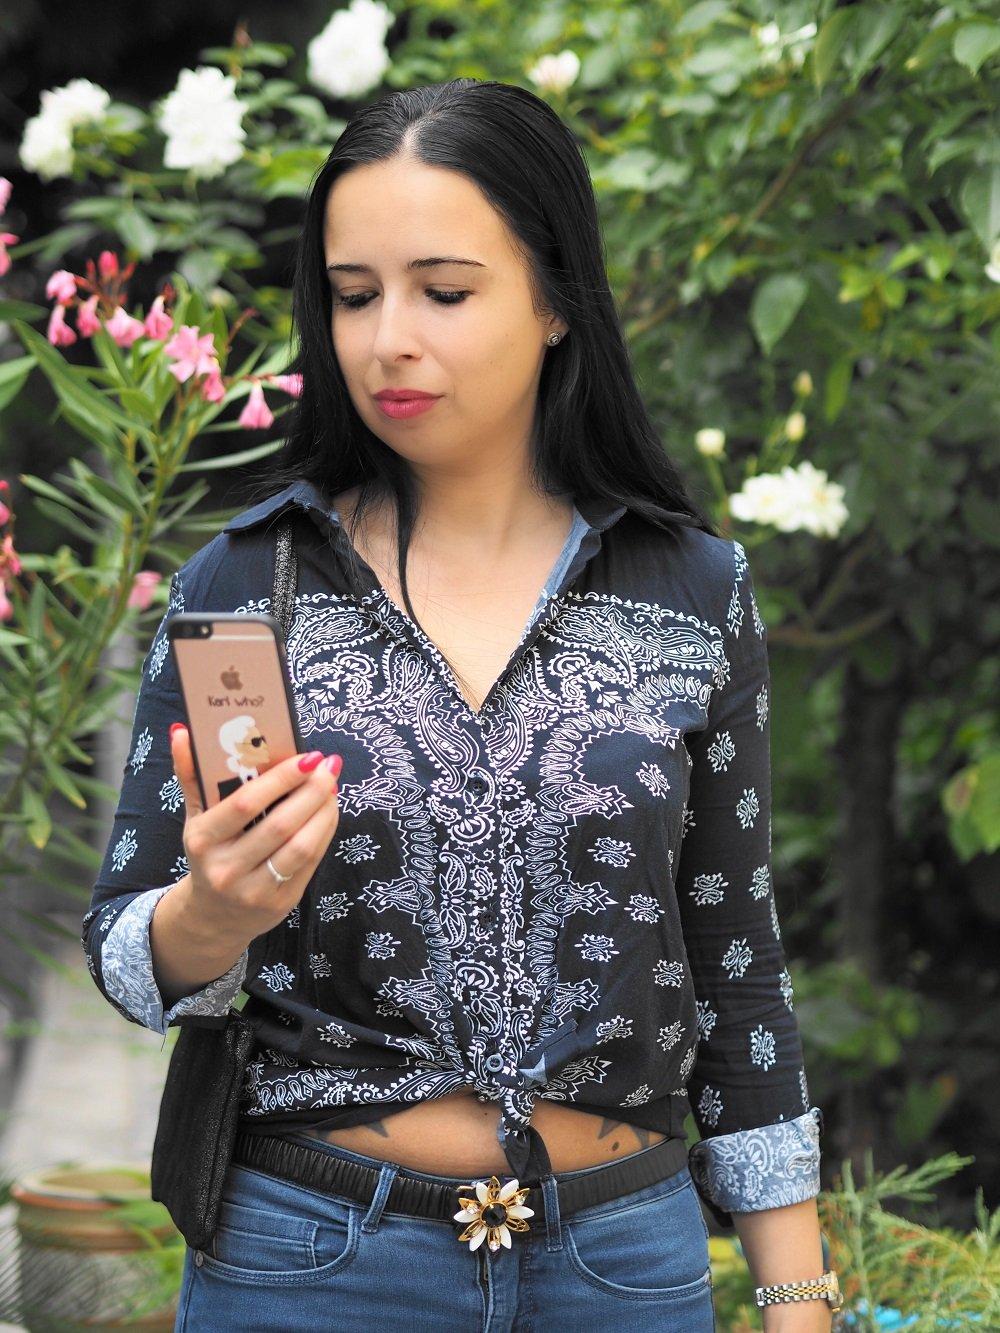 Heute zeige ich euch auf meinem Blog ein stylisches Alltagsoutfit mit Bandana Bluse, Bluejeans und Slippern von Chiara Feragni